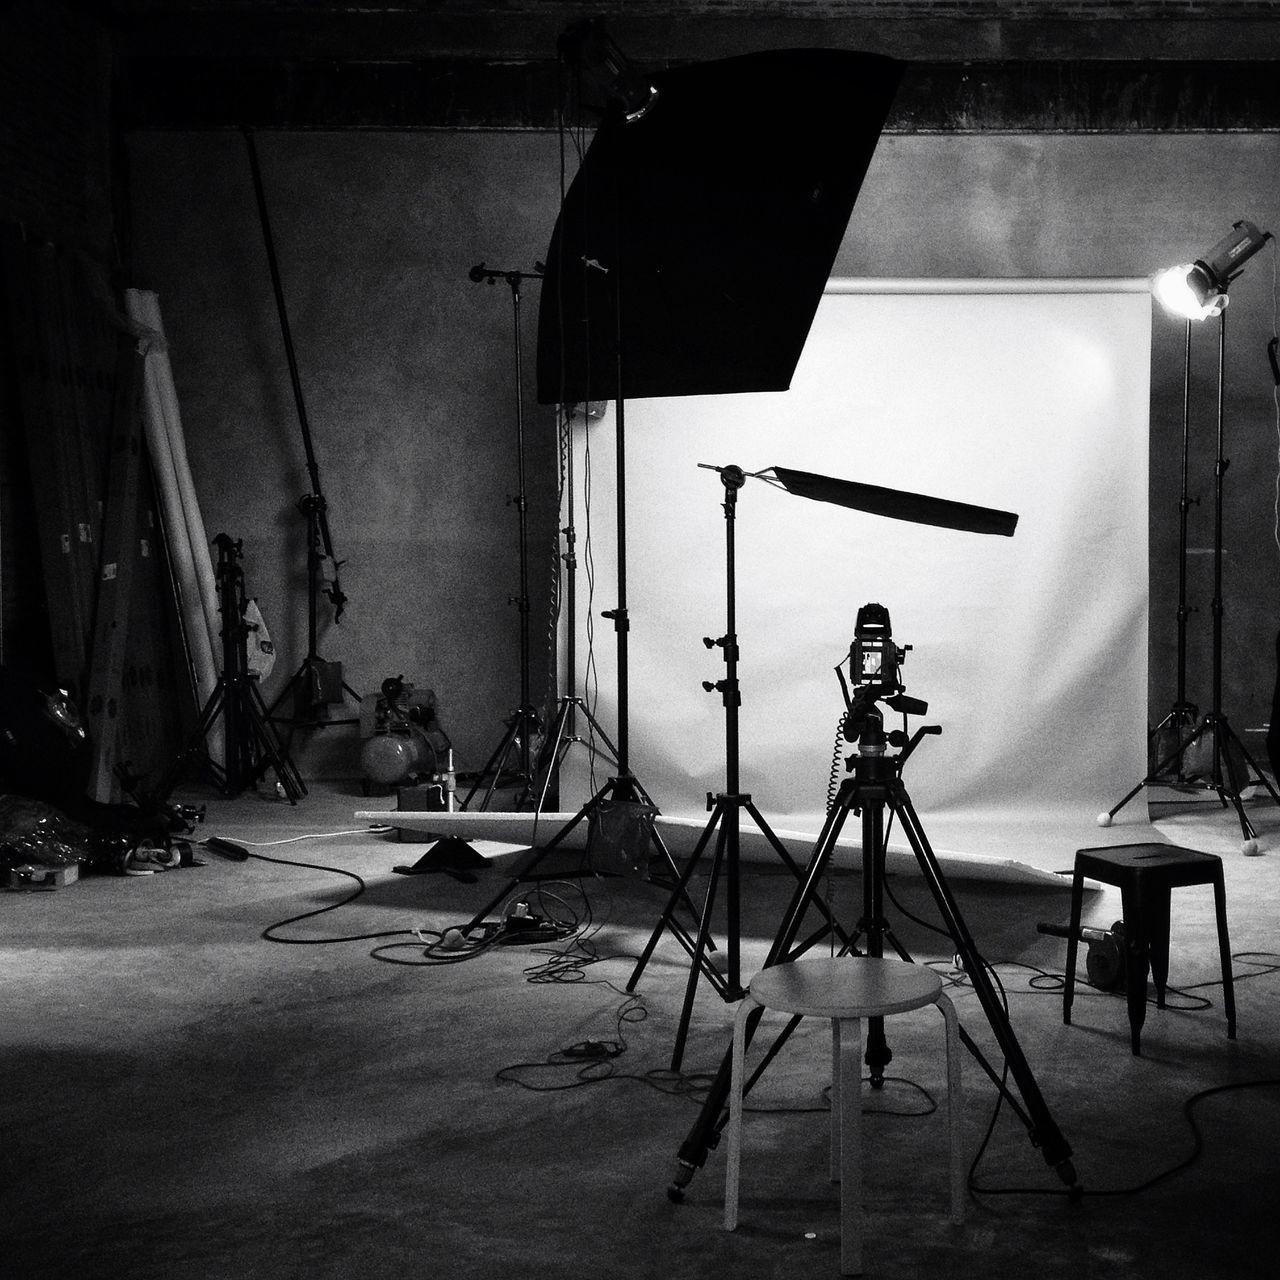 Interior Of Film Studio